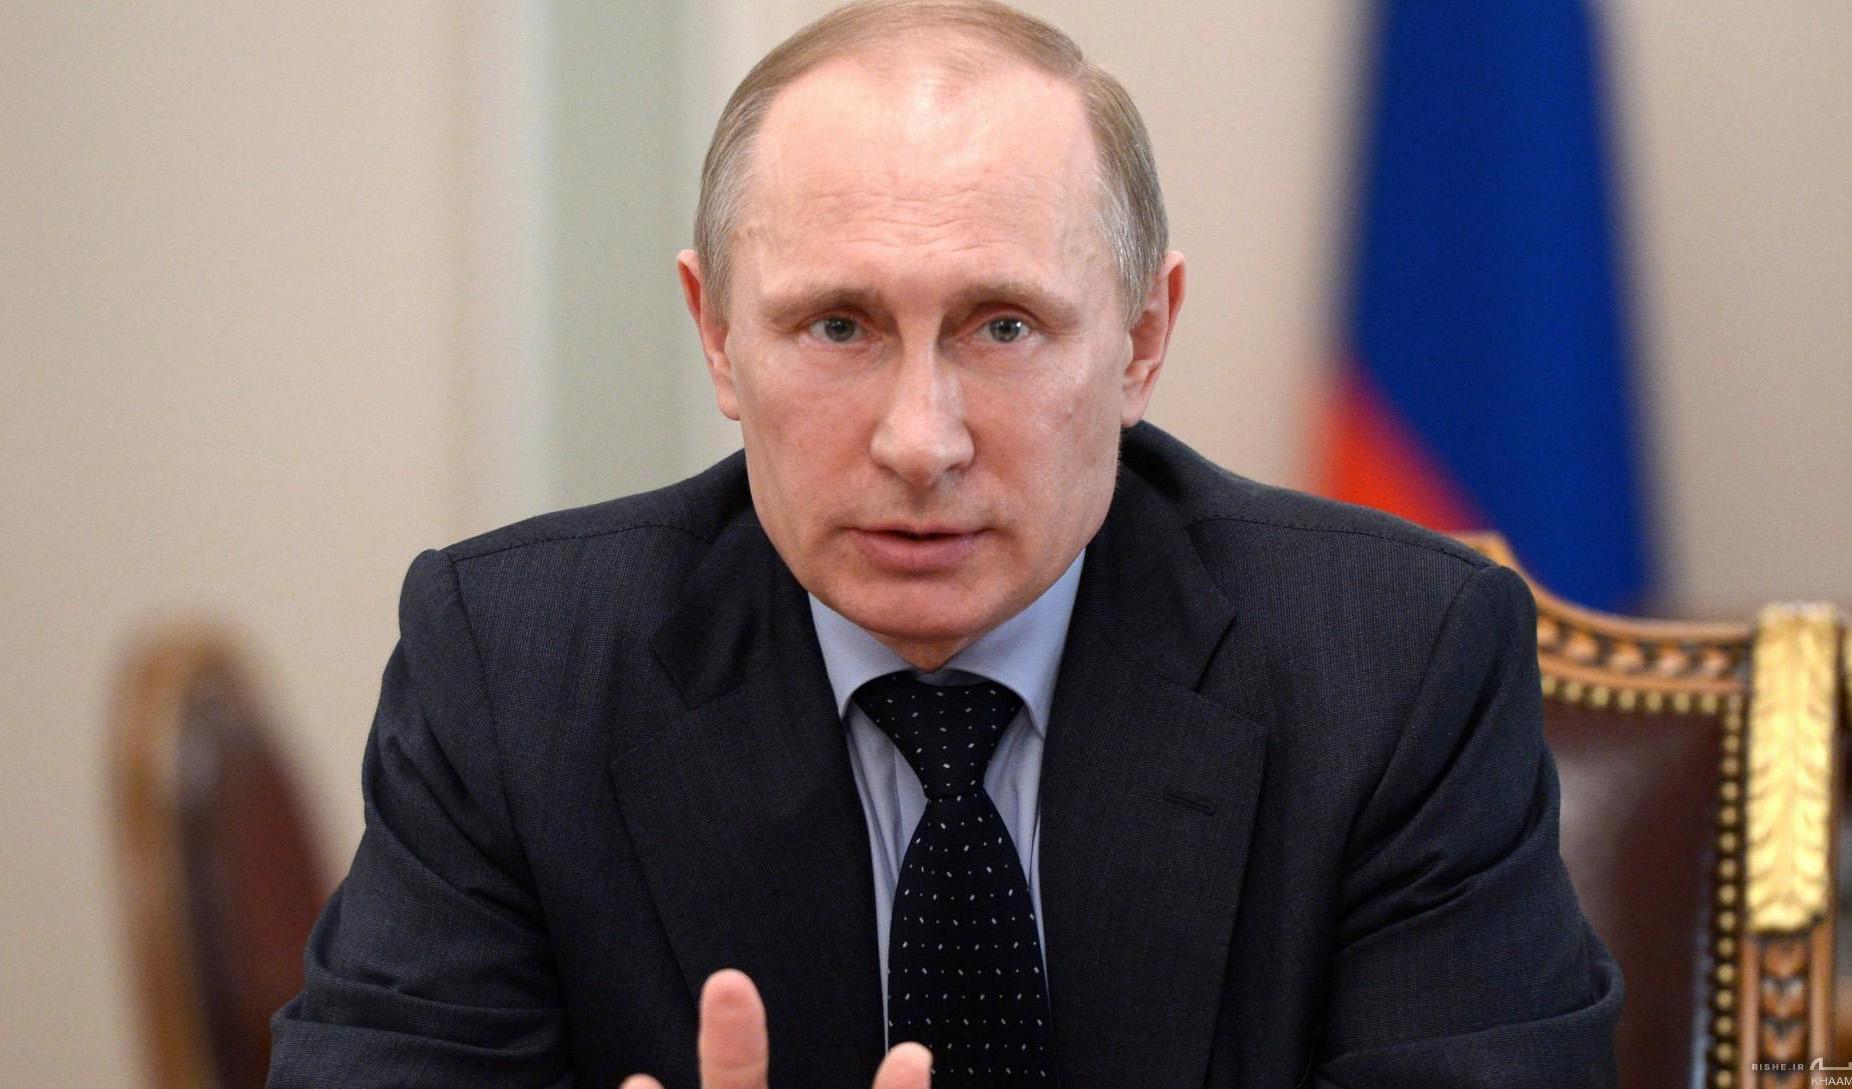 حمایت پوتین از طرح اروپایی مبادلات مالی با ایران